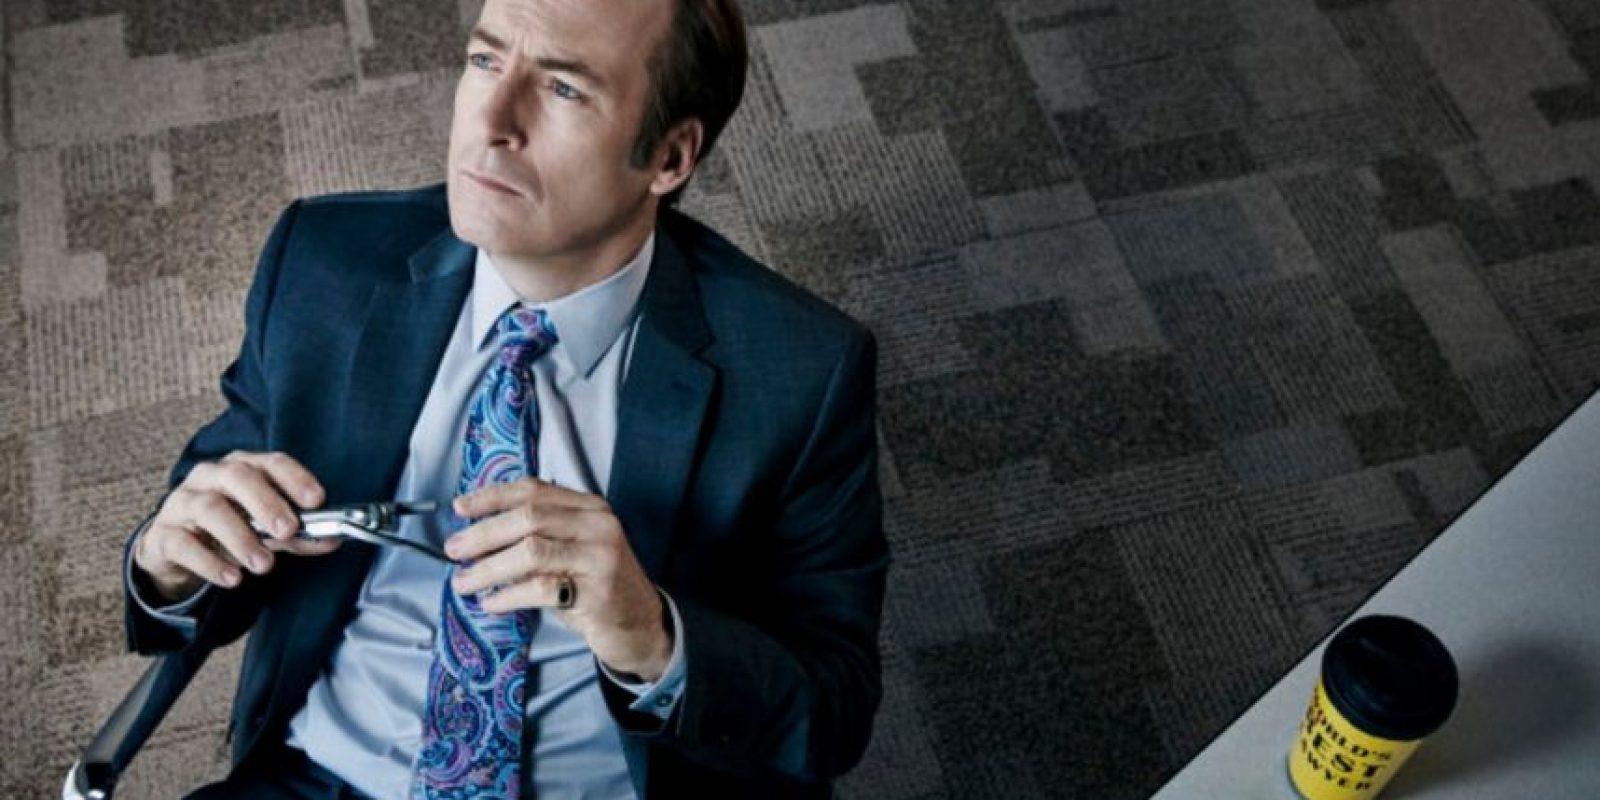 """Es la precuela de la serie """"Breaking Bad"""", la cual explora los orígenes del singular abogado """"Saul Goodman"""", quien pasa de ser un profesional sin mucho éxito a la mano derecha de diversos delincuentes. Foto:Netflix / AMC"""